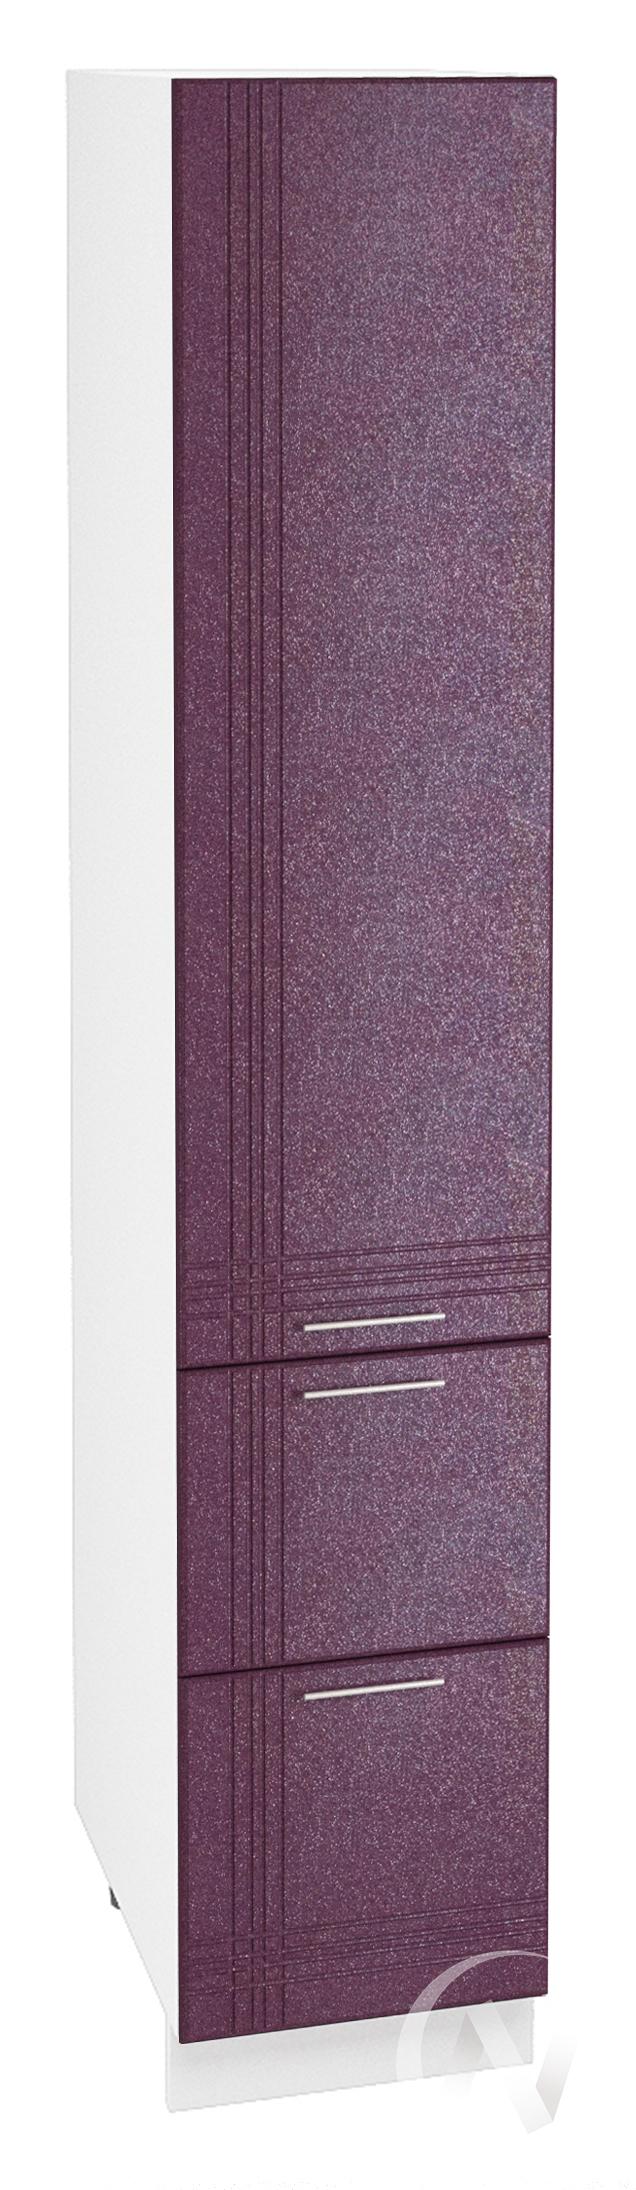 """Кухня """"Струна"""": Шкаф пенал с 2-мя ящиками 400, ШП2Я 400 (фиолетовый металлик/корпус белый)"""